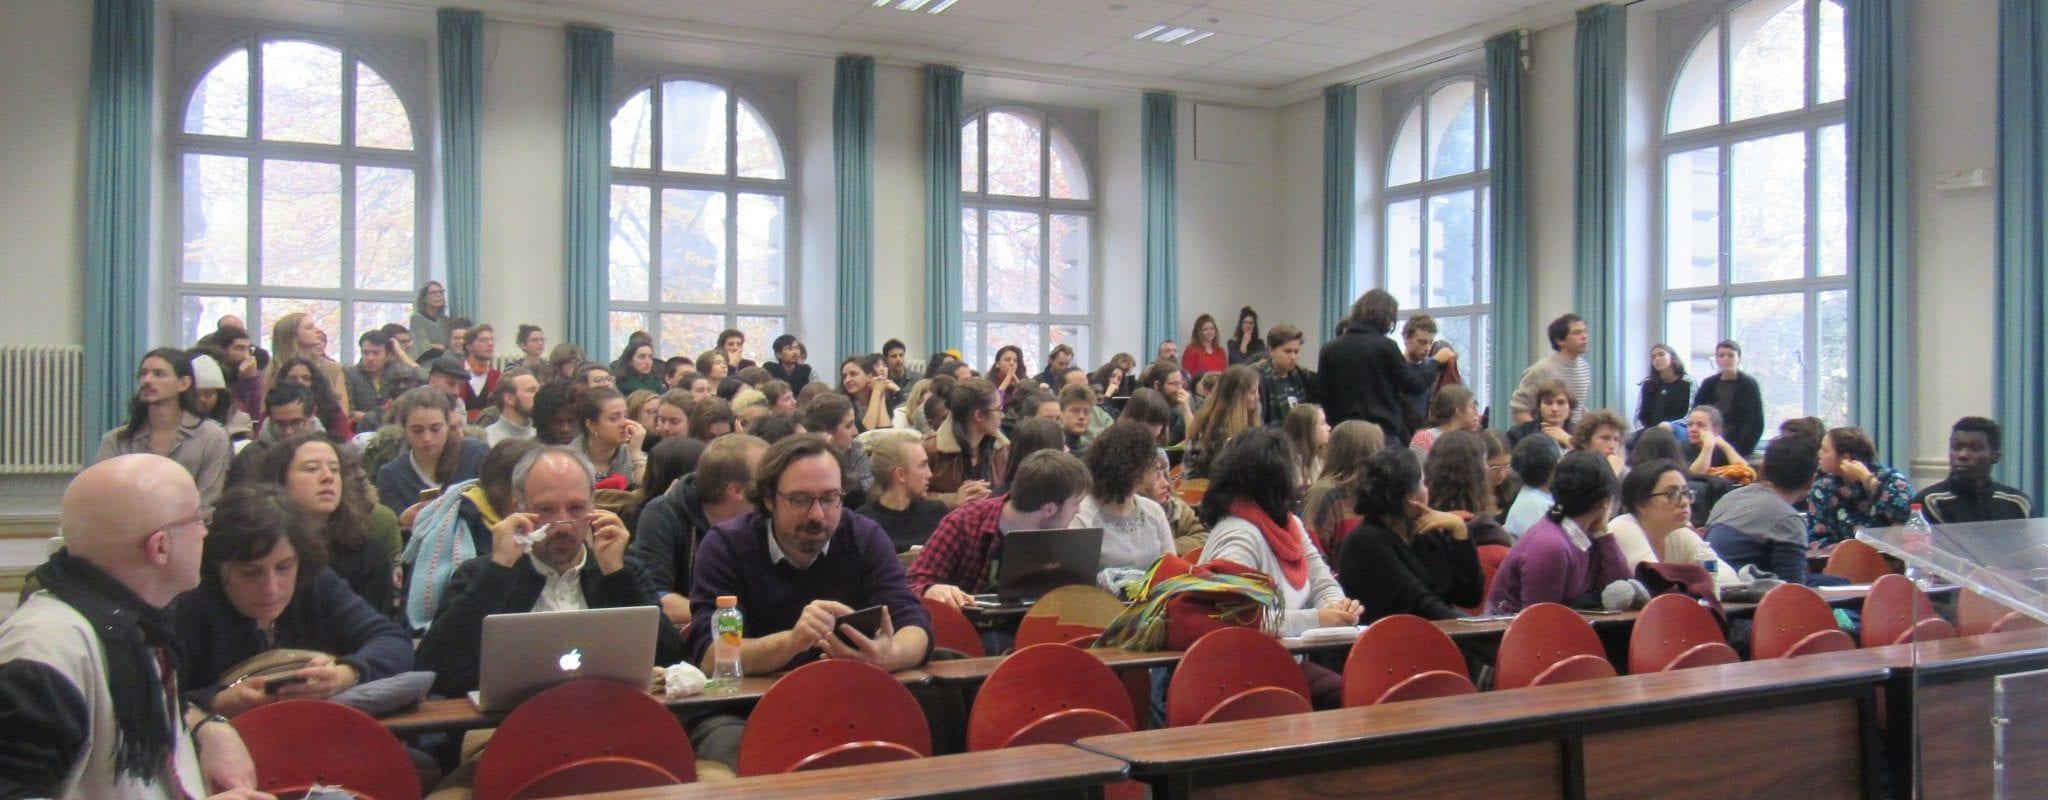 Des étudiants strasbourgeois contre le projet «Bienvenue en France»